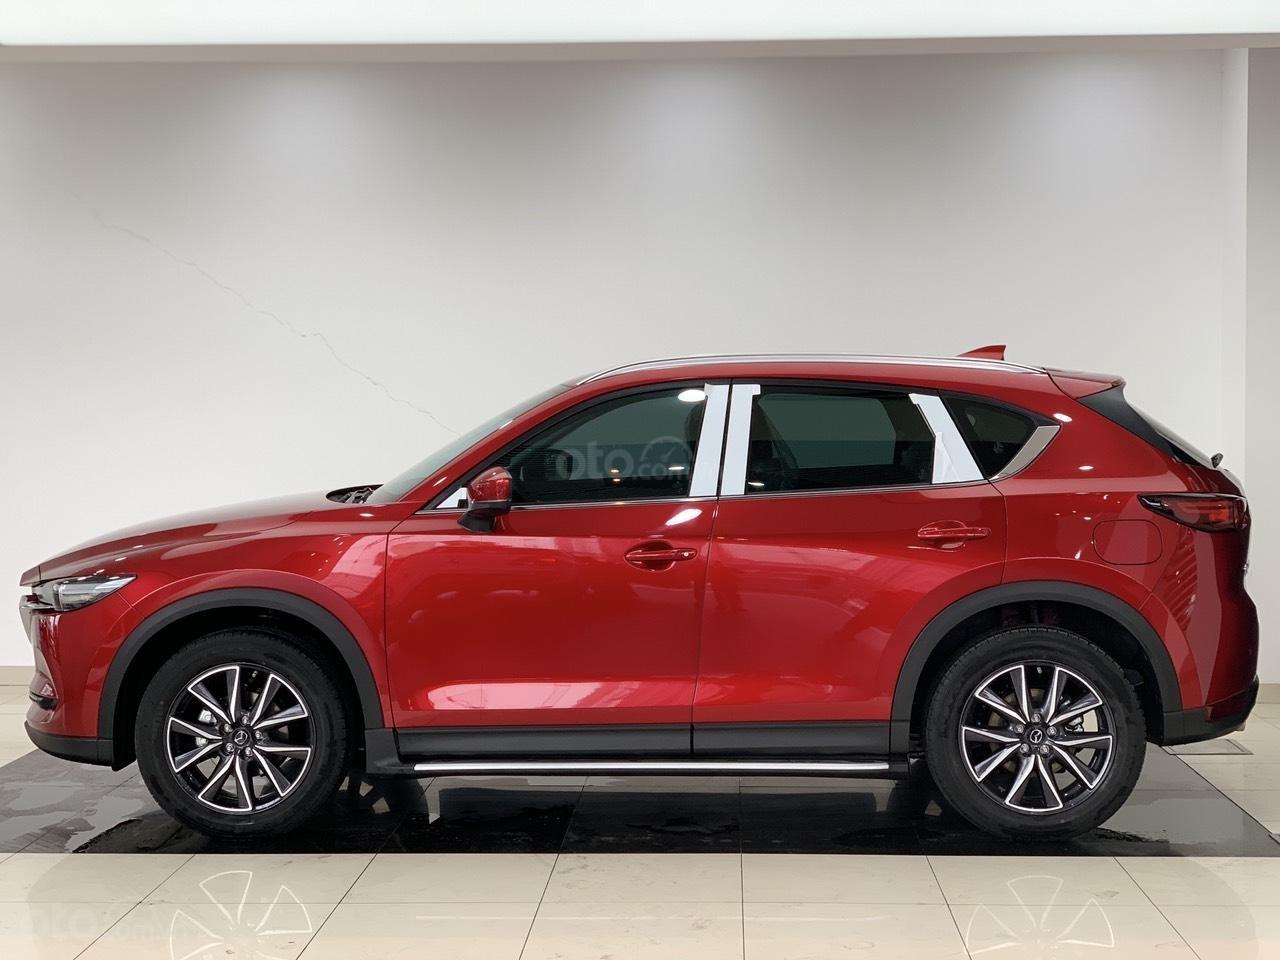 Mazda CX5 2.0 2019 ưu đãi T11 100tr, TG 90%, hỗ trợ giao xe, ĐKĐK, giải quyết nợ xấu, LH 0981 485 819 (11)